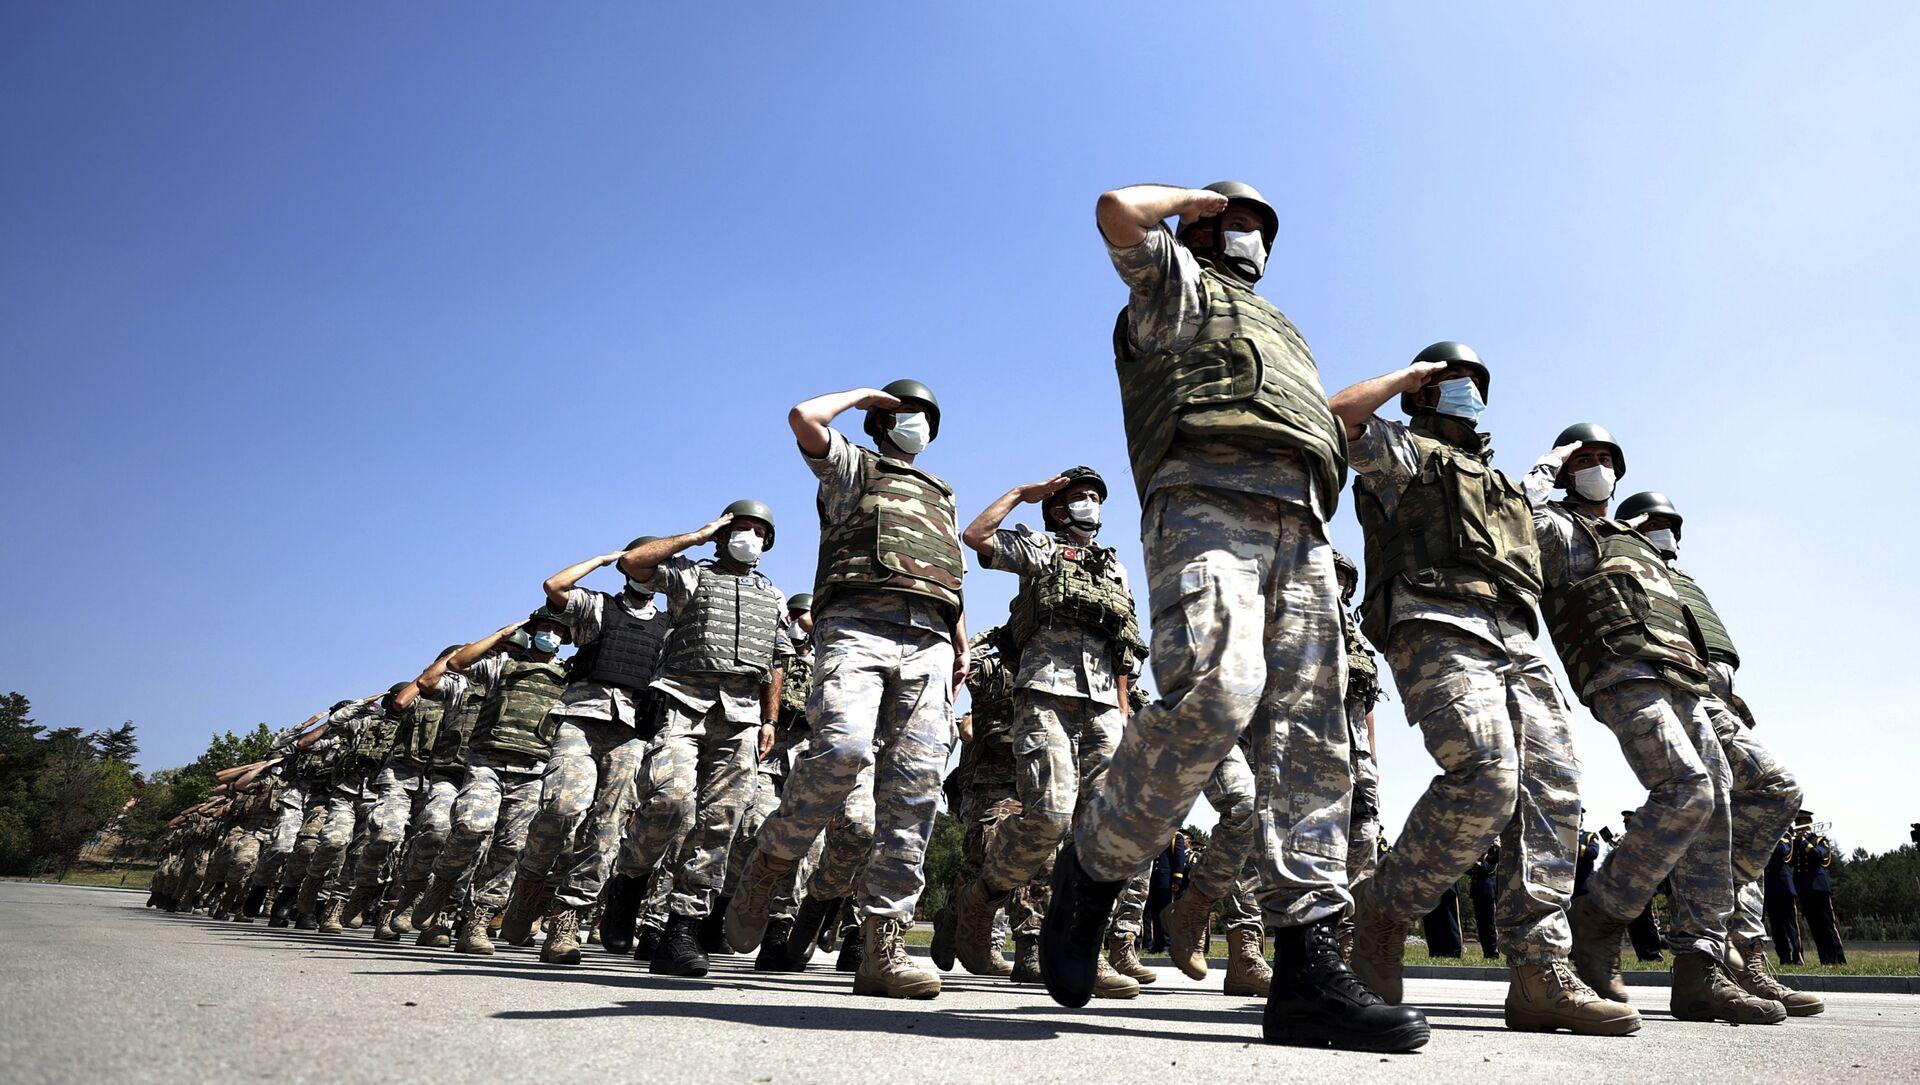 Турецкие войска, действовавшие в международном аэропорту имени Хамида Карзая в Кабуле, Афганистан, маршируют во время церемонии в аэропорту Анкары, Турция, в субботу, 28 августа 2021 года. Турция вывела всех своих гражданских и военных из Афганистана, за исключением небольшого числа техники. - Sputnik Абхазия, 1920, 06.10.2021